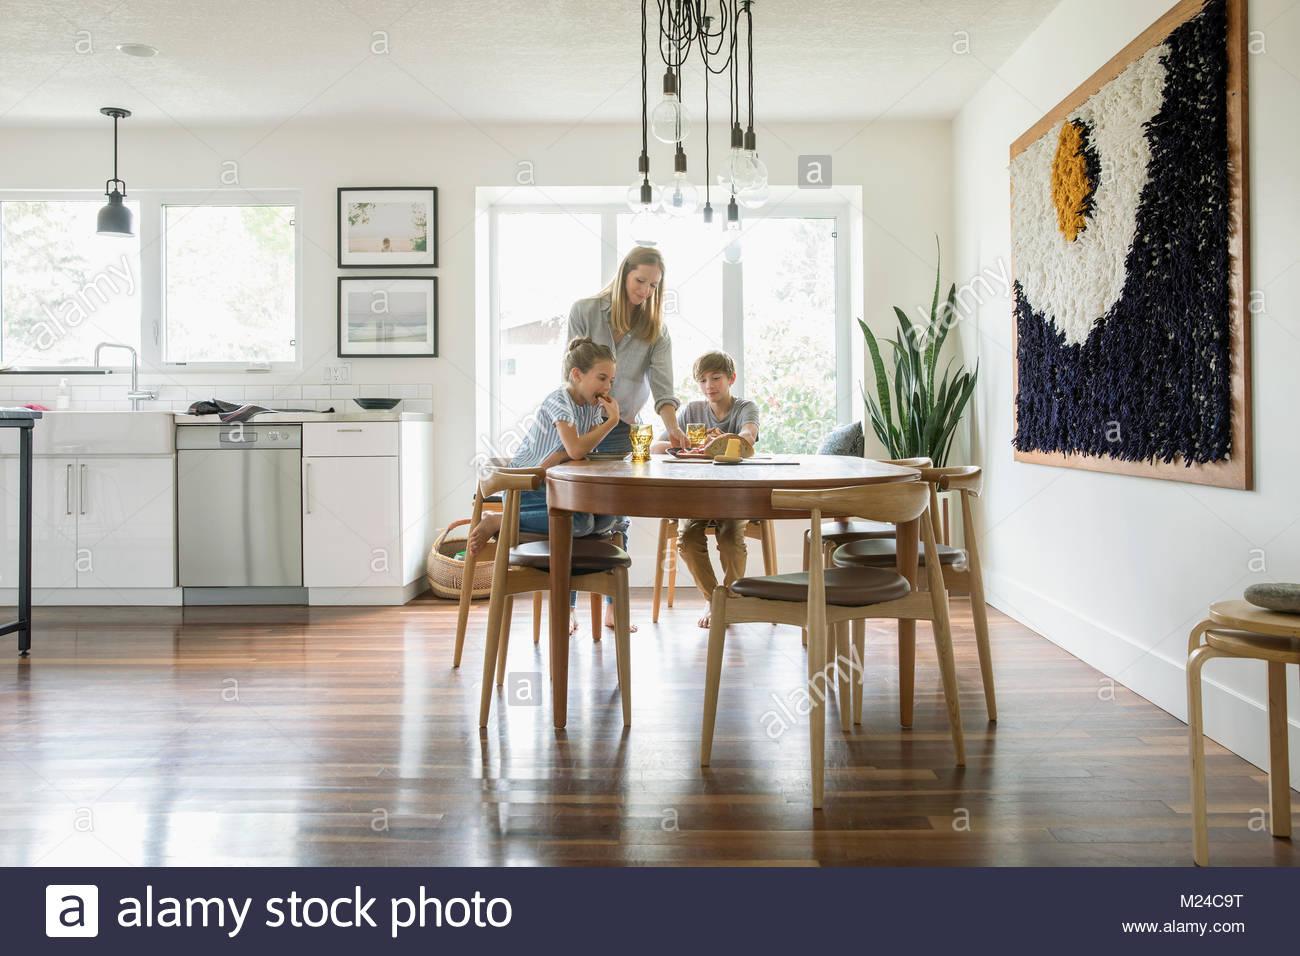 Familia comiendo en la mesa de la cocina Imagen De Stock